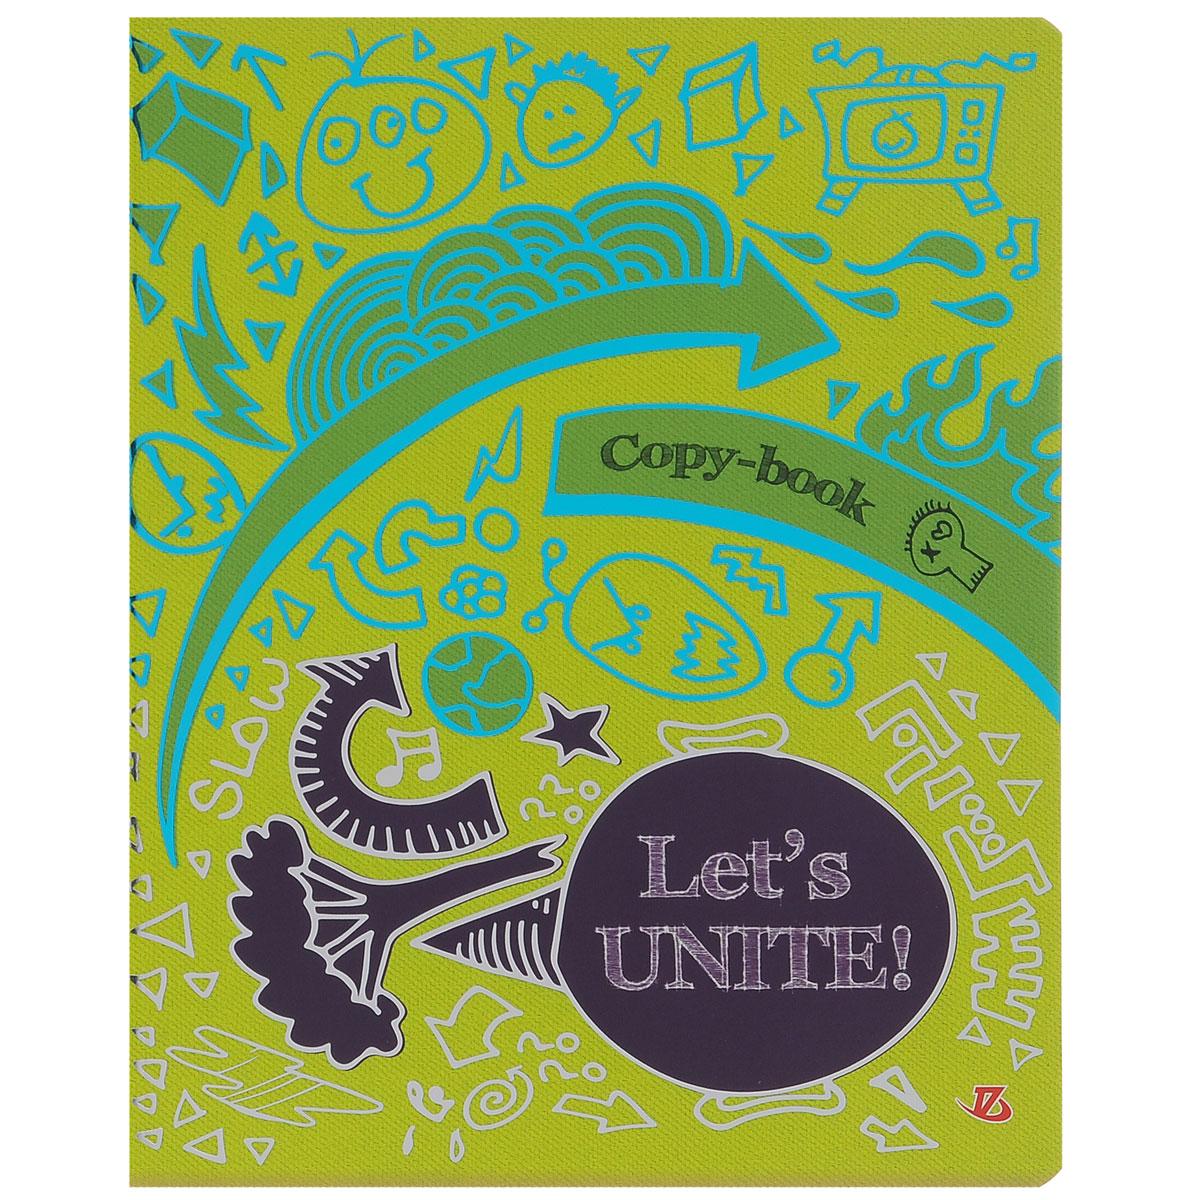 Тетрадь Lets unite, 48 листов, формат А5, цвет: бирюзовый, фиолетовый7222/5_Вид 2Тетрадь в клетку Lets unite подойдет как студенту, так и школьнику. Обложка тетради выполнена из картона и украшена ярким изображением с серебряным и бирюзовым теснением. Внутренний блок состоит из 48 листов офсетной бумаги, способ крепления - скрепка. Линовка листов стандартная - в клетку. Внутри содержатся страничка для заполнения личных данных.